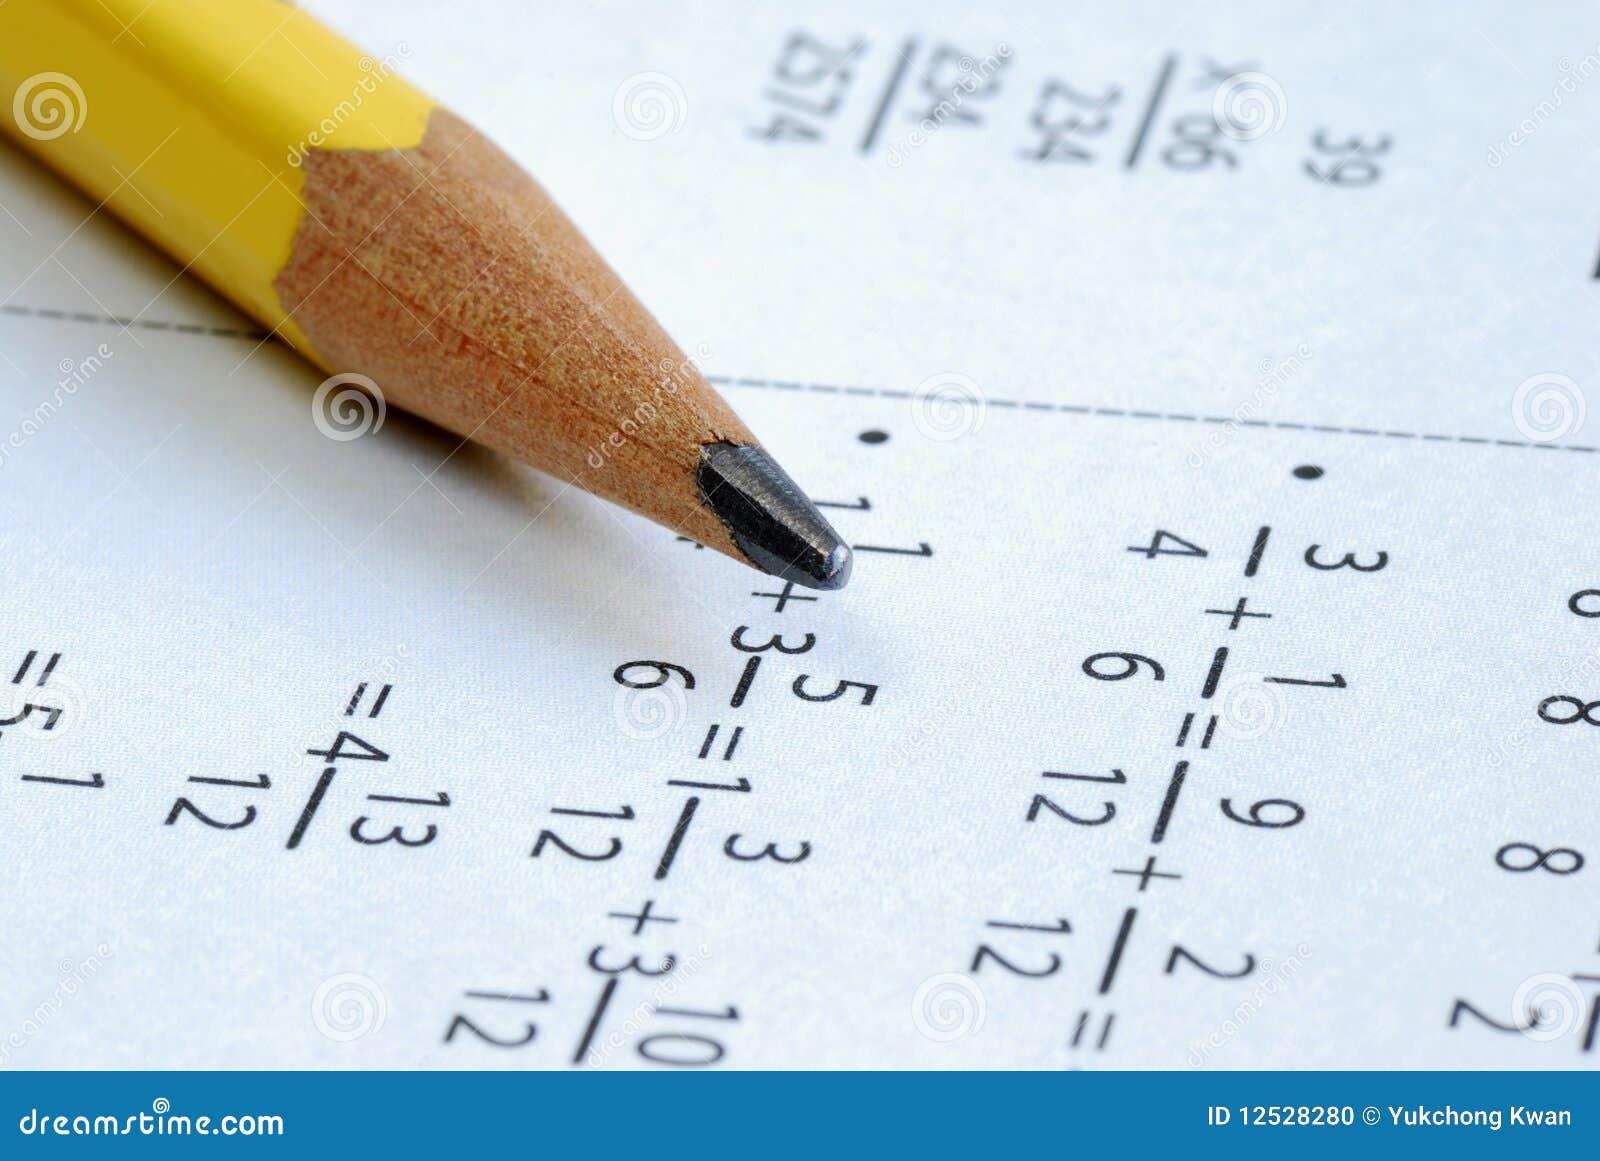 Hacer una cierta matemáticas de la escuela de grado